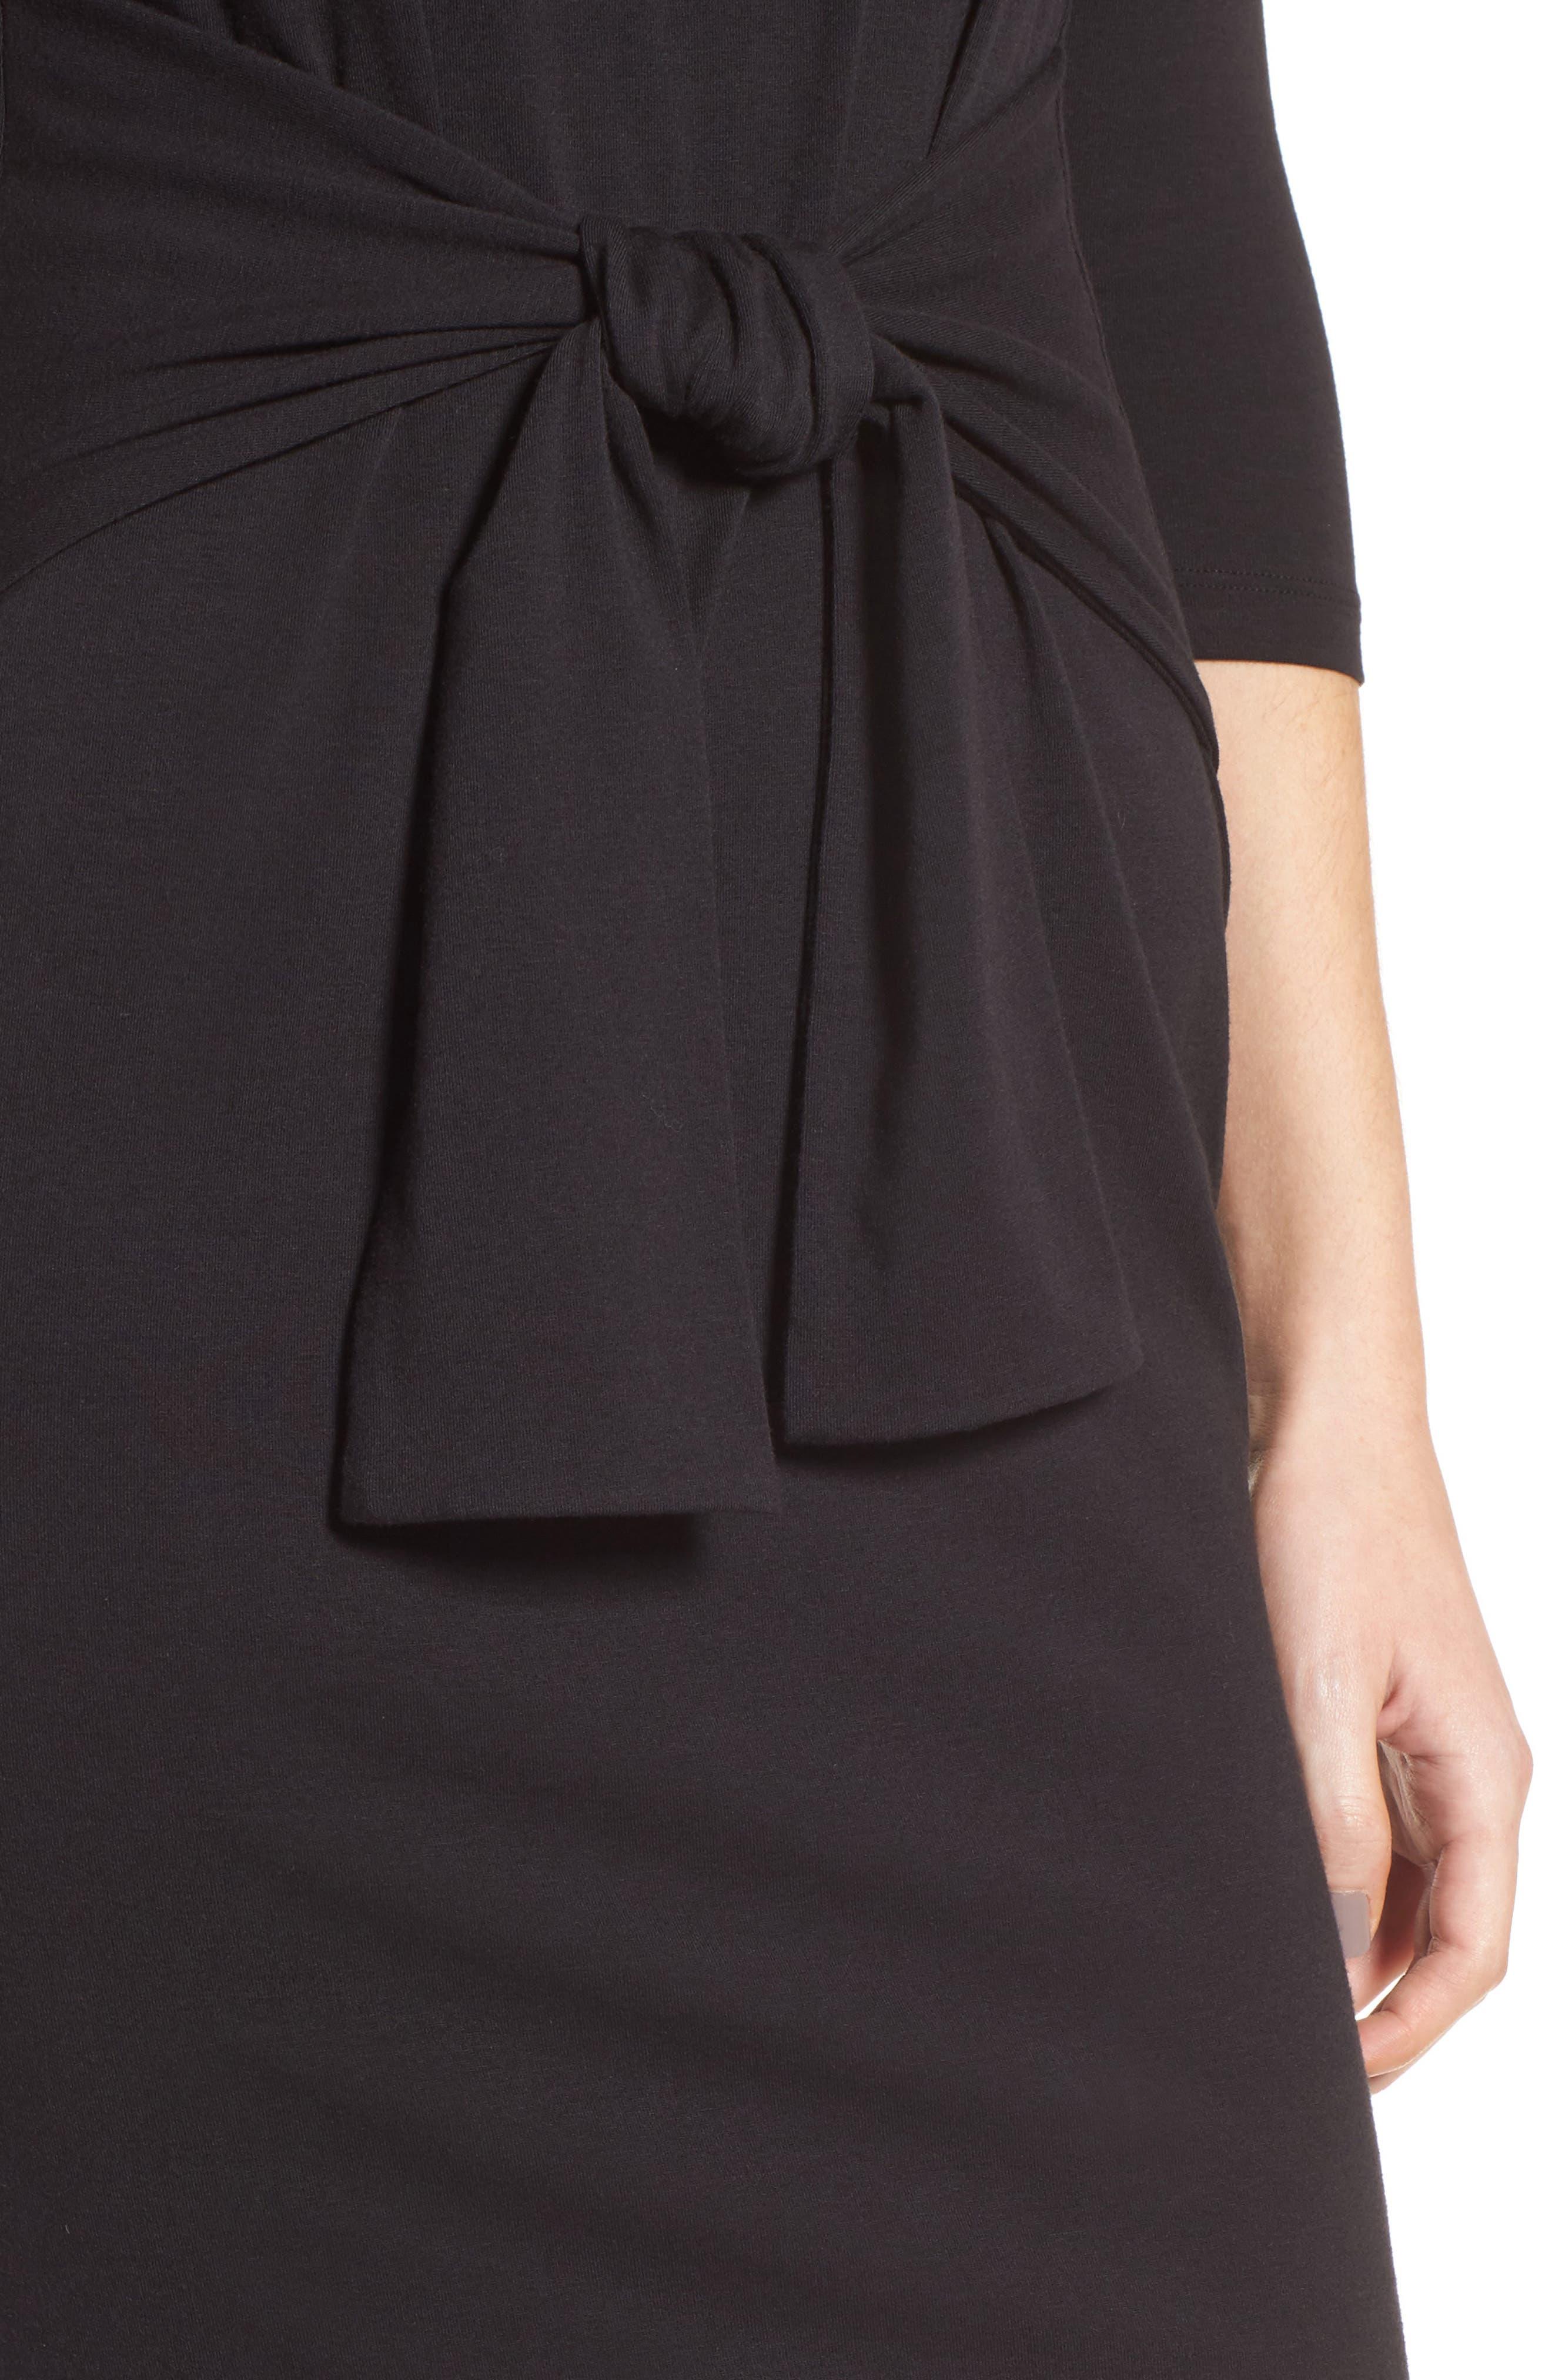 Colombe Knit Sheath Dress,                             Alternate thumbnail 4, color,                             Black